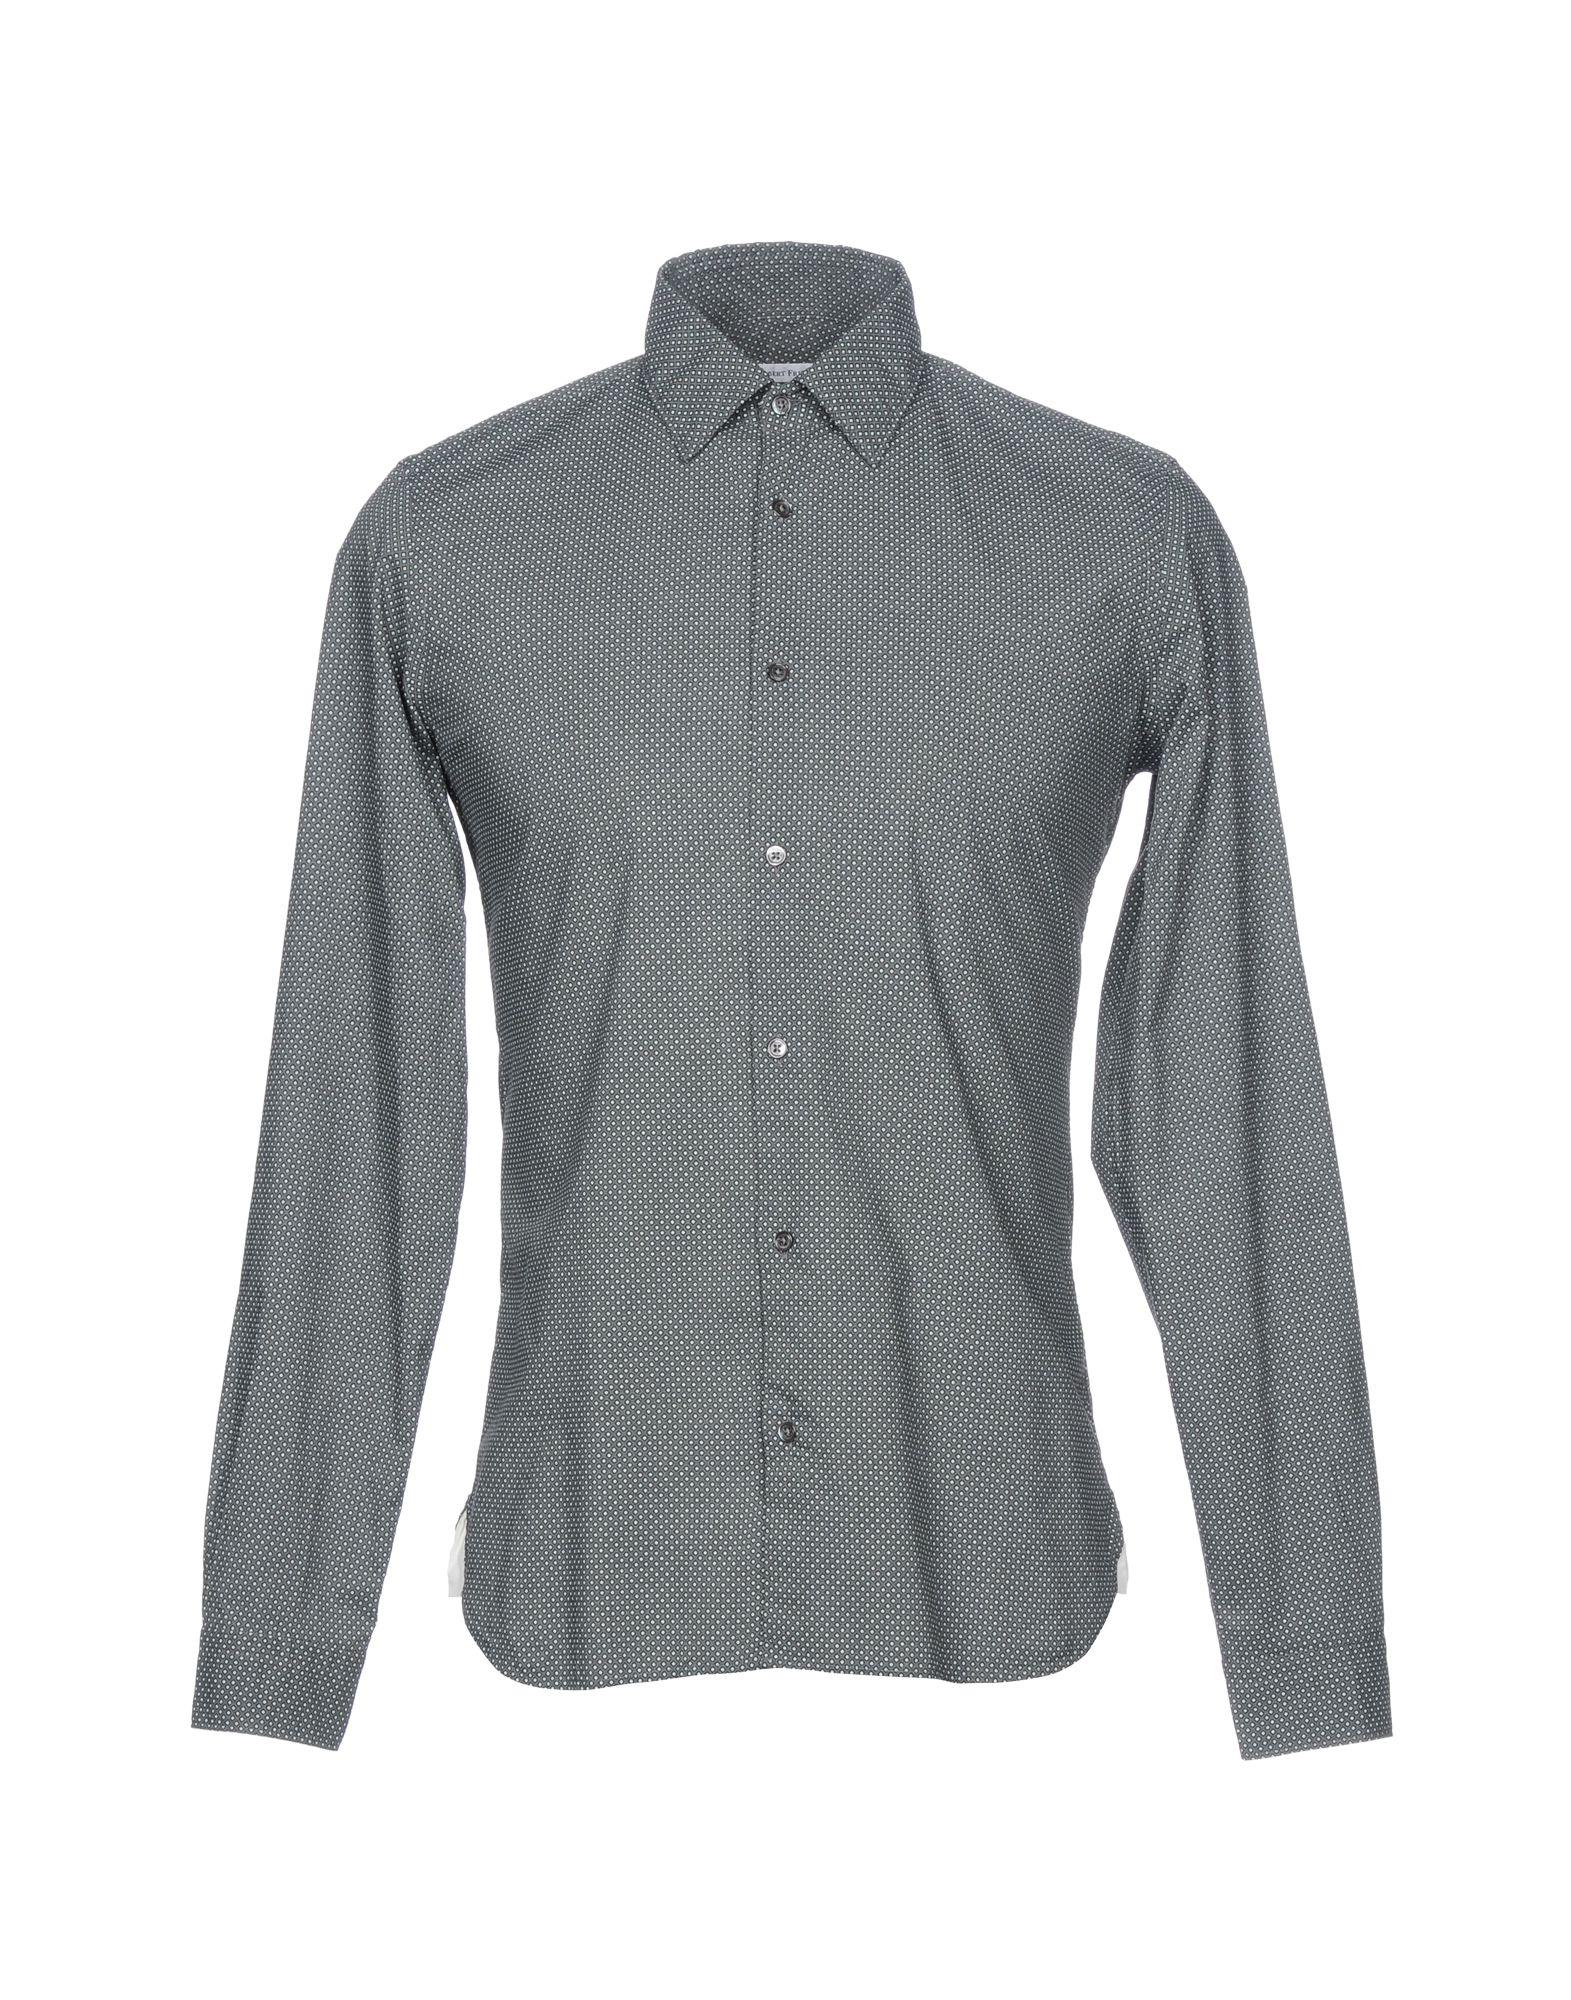 ROBERT FRIEDMAN Patterned Shirt in Lead